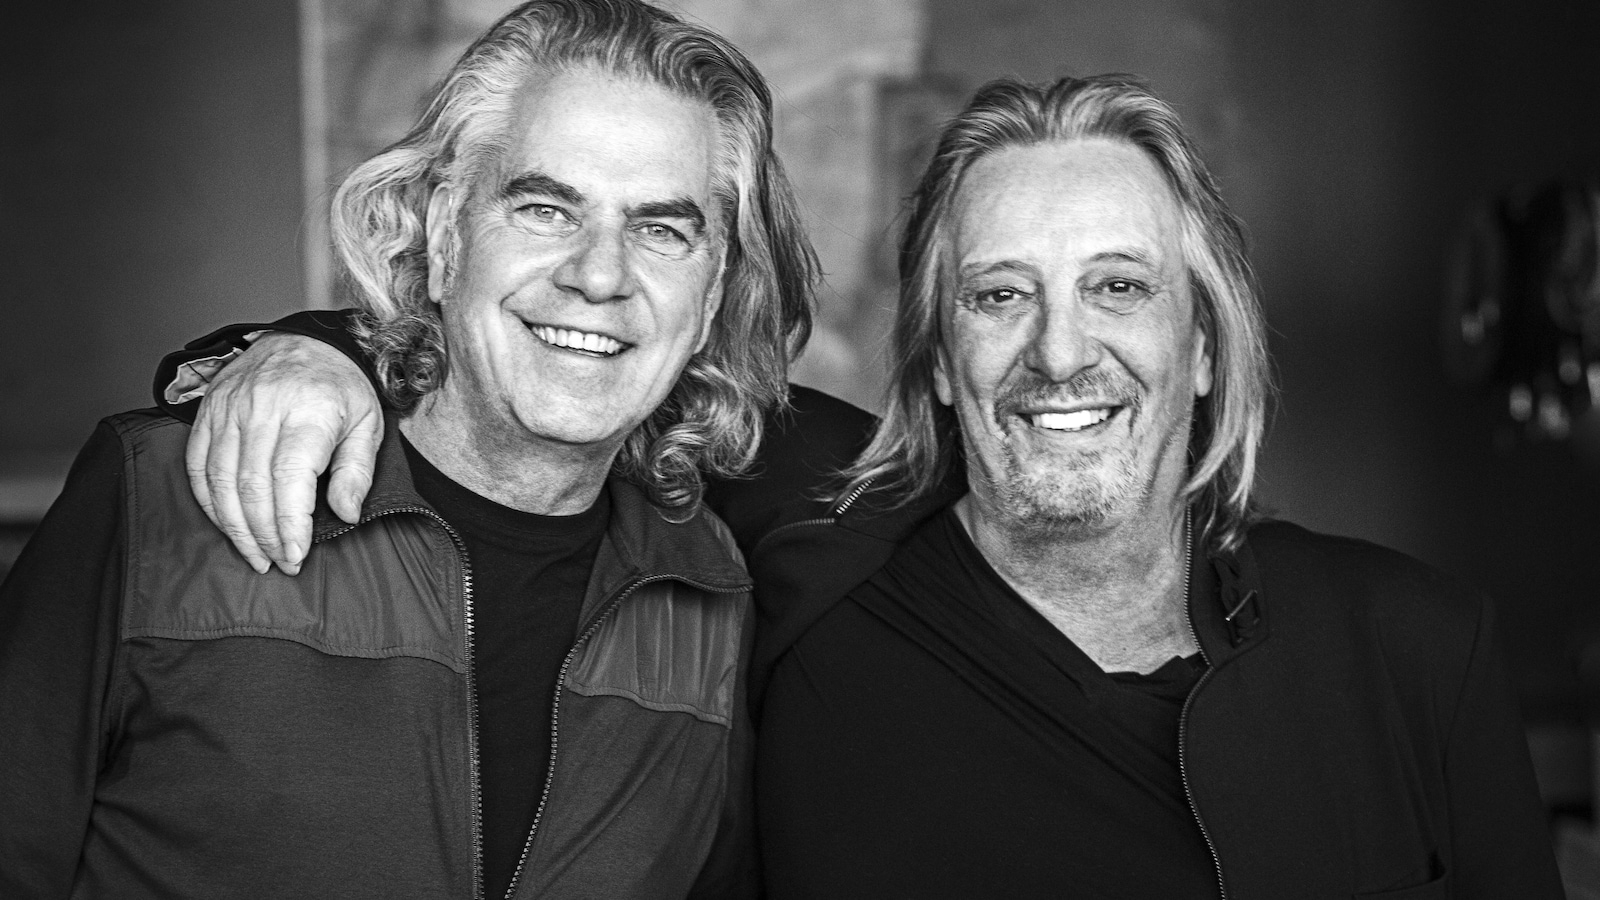 Les auteurs-compositeurs-interprètes québécois Richard Séguin et Serge Fiori, bras dessus, bras dessous.